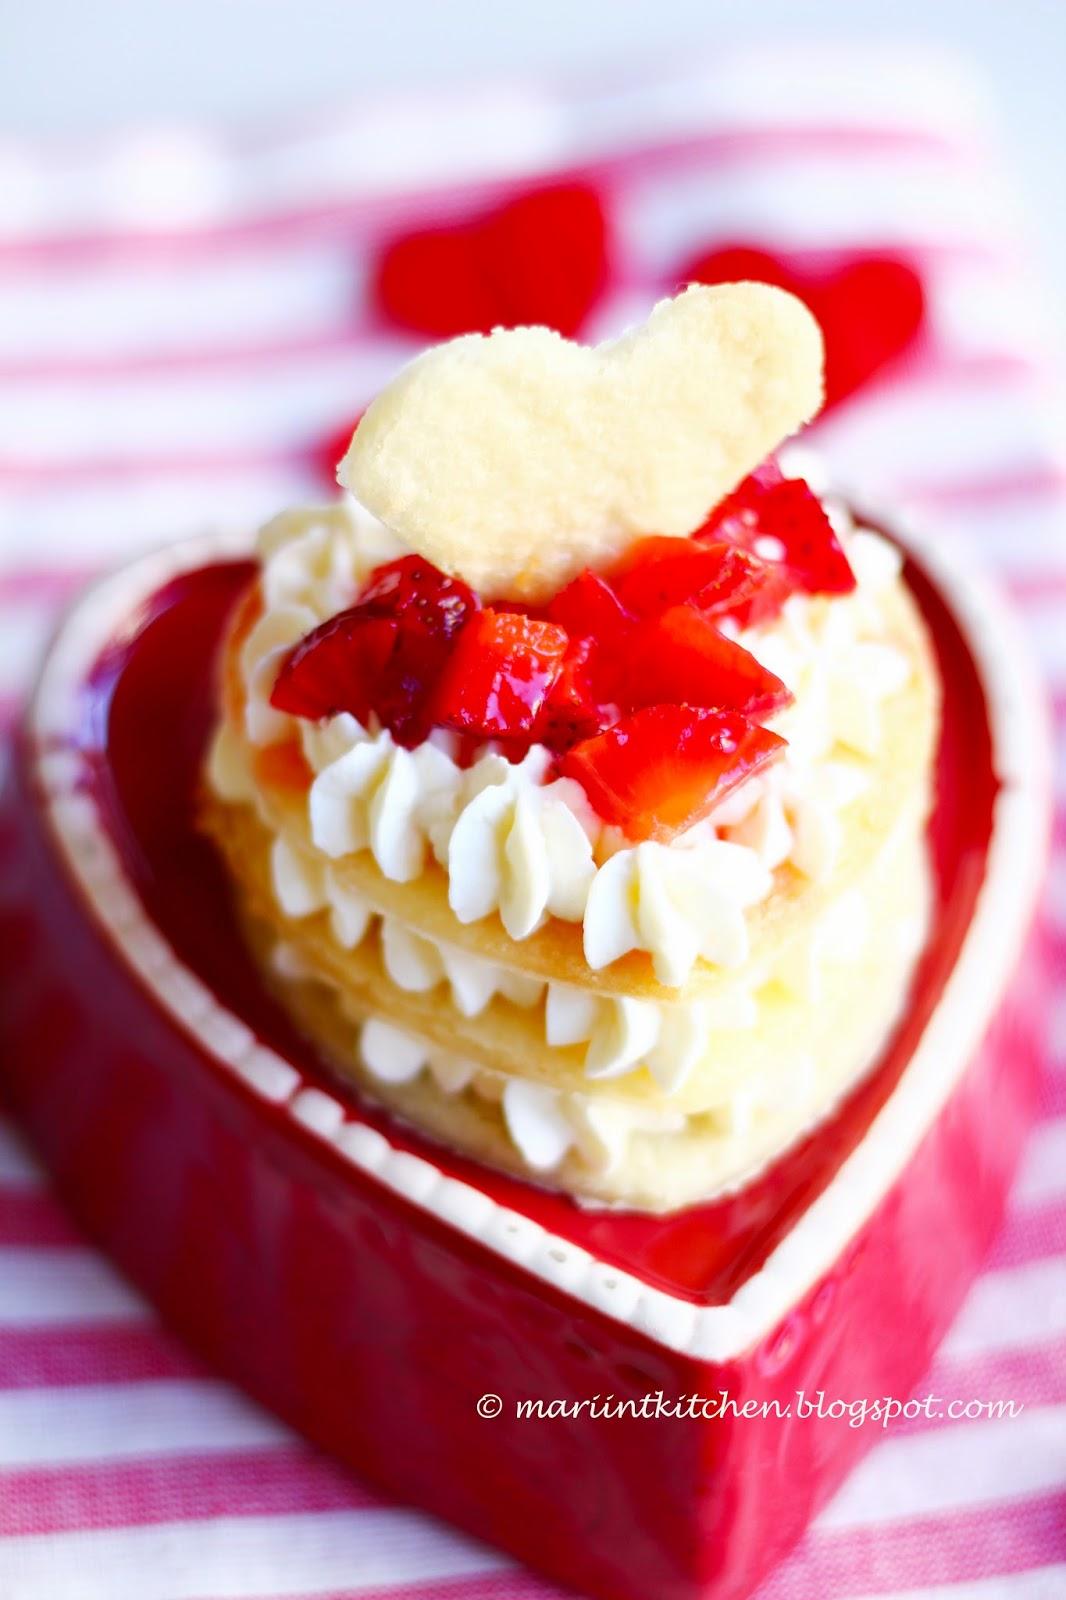 tortina semplicissima (e bellissima!!) per festeggiare san valentino....